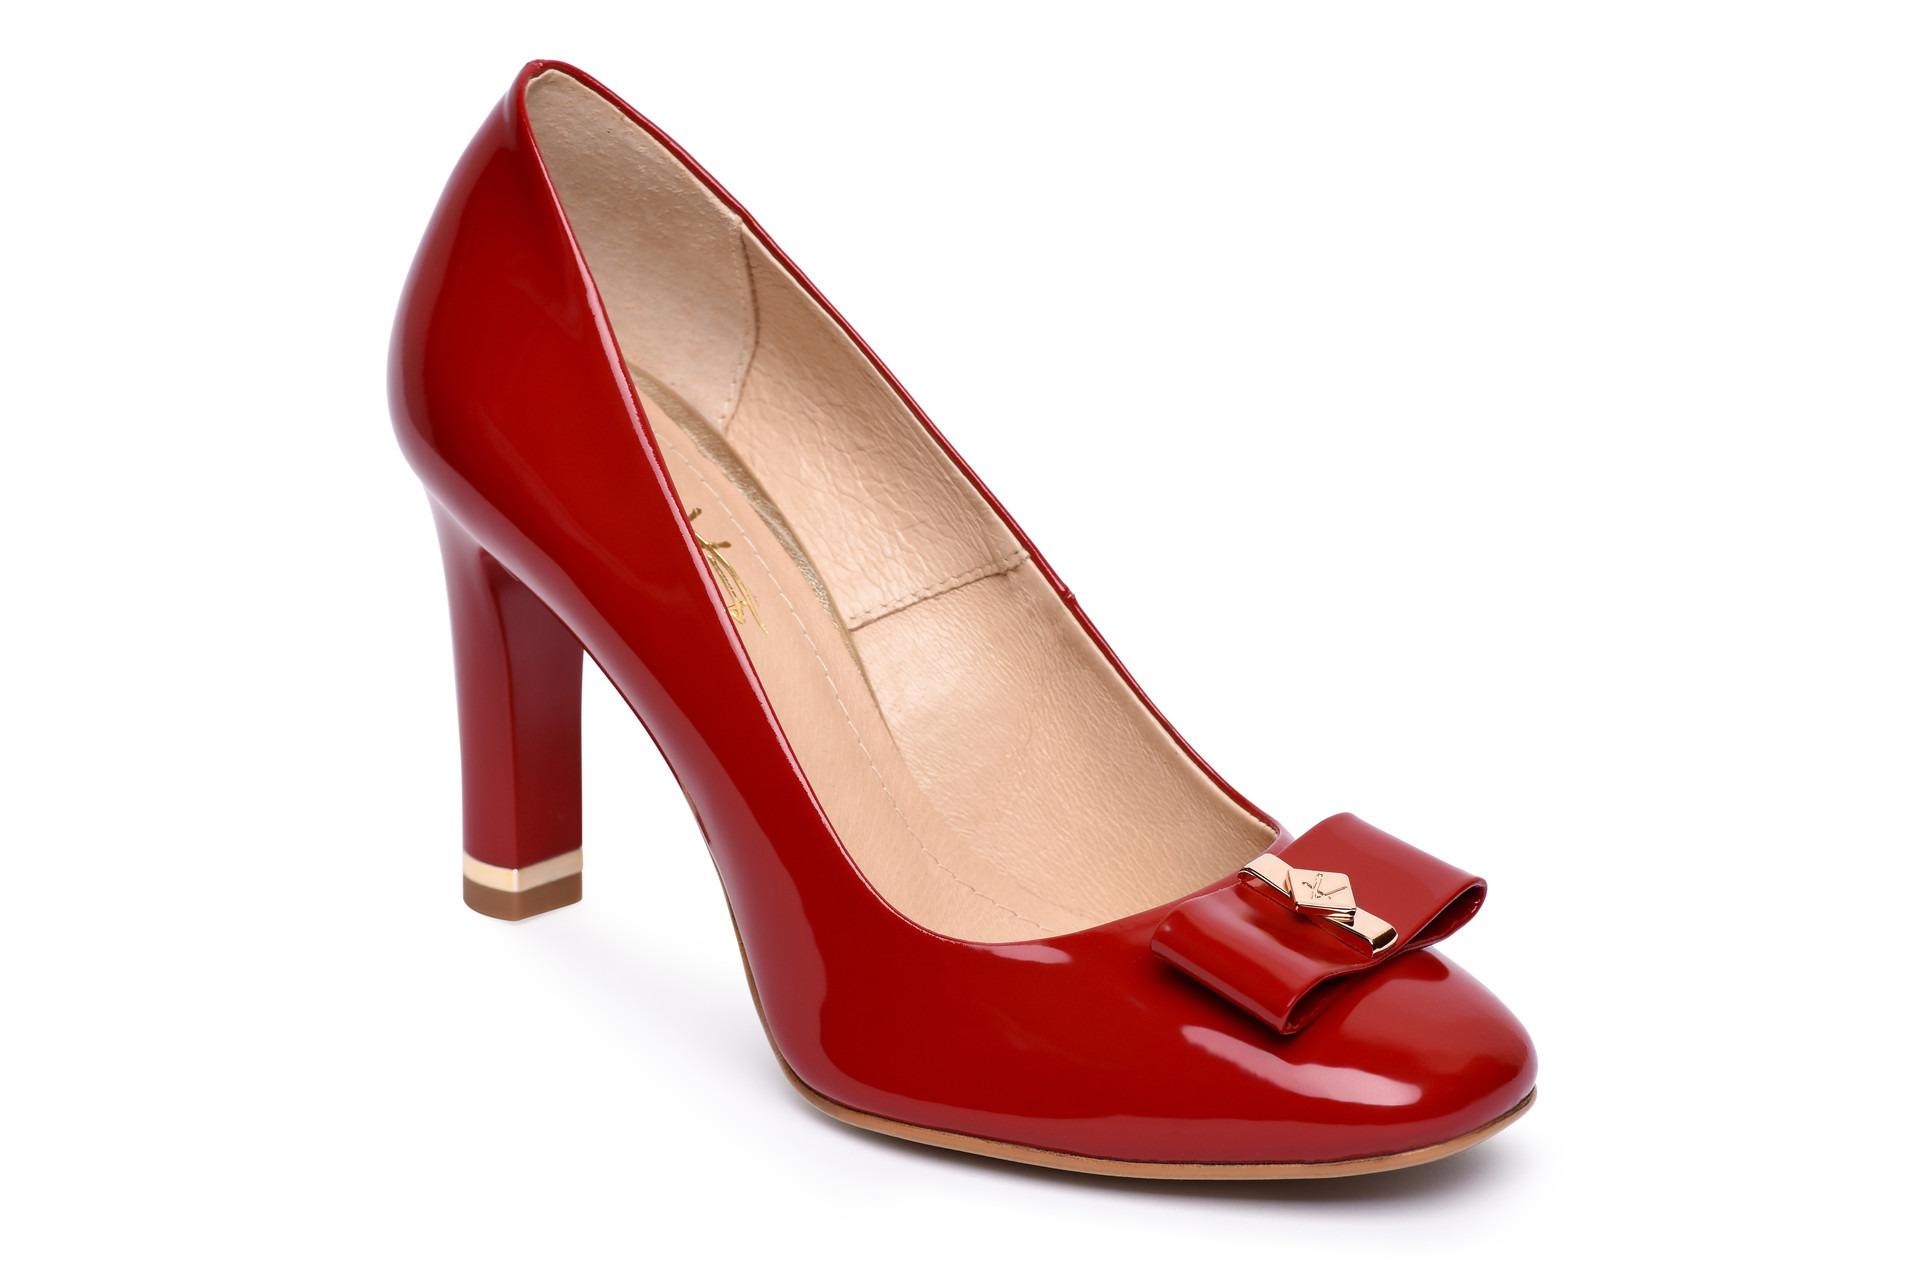 ca4894cbd287d GALLERY SHOES - Lodičky - Lodičky červené lakové s ozdobou na špici KATI